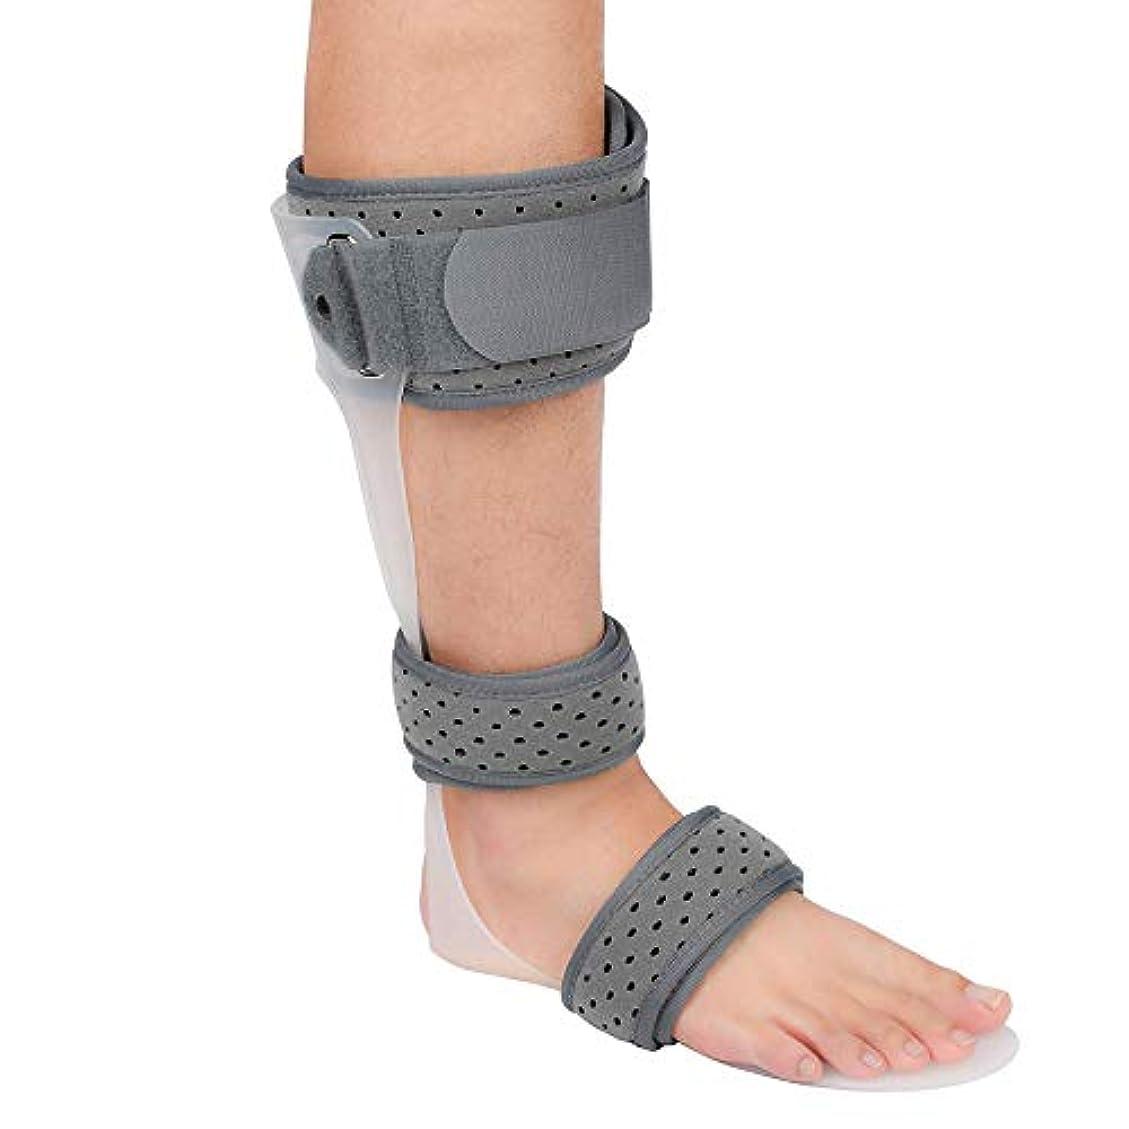 簡潔な縁石長さ足首装具フットドロップブレース、足首スタビライザーブレース、足ドロップ副木、足首保護用補正ブレース